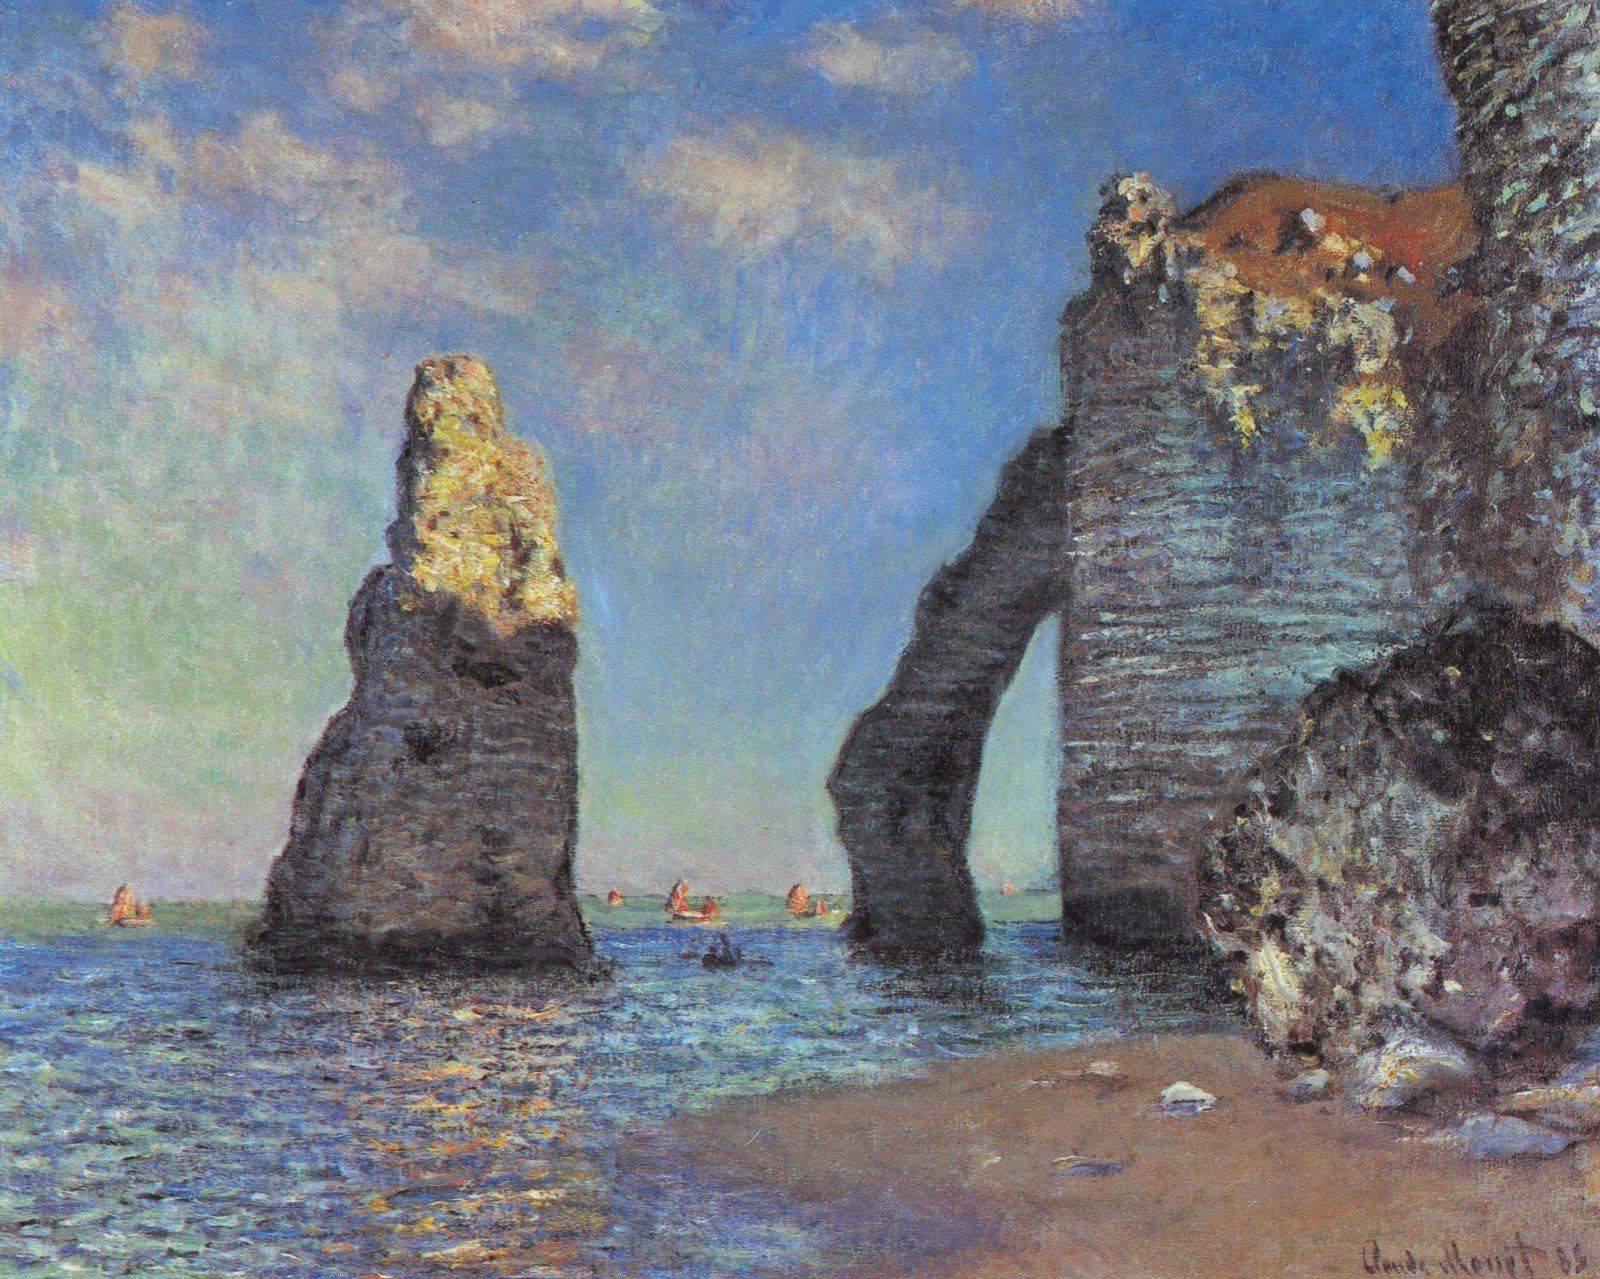 Είναι γενικά αποδεκτό ότι ο Claude Monet υπήρξε ο εισηγητής με τις.